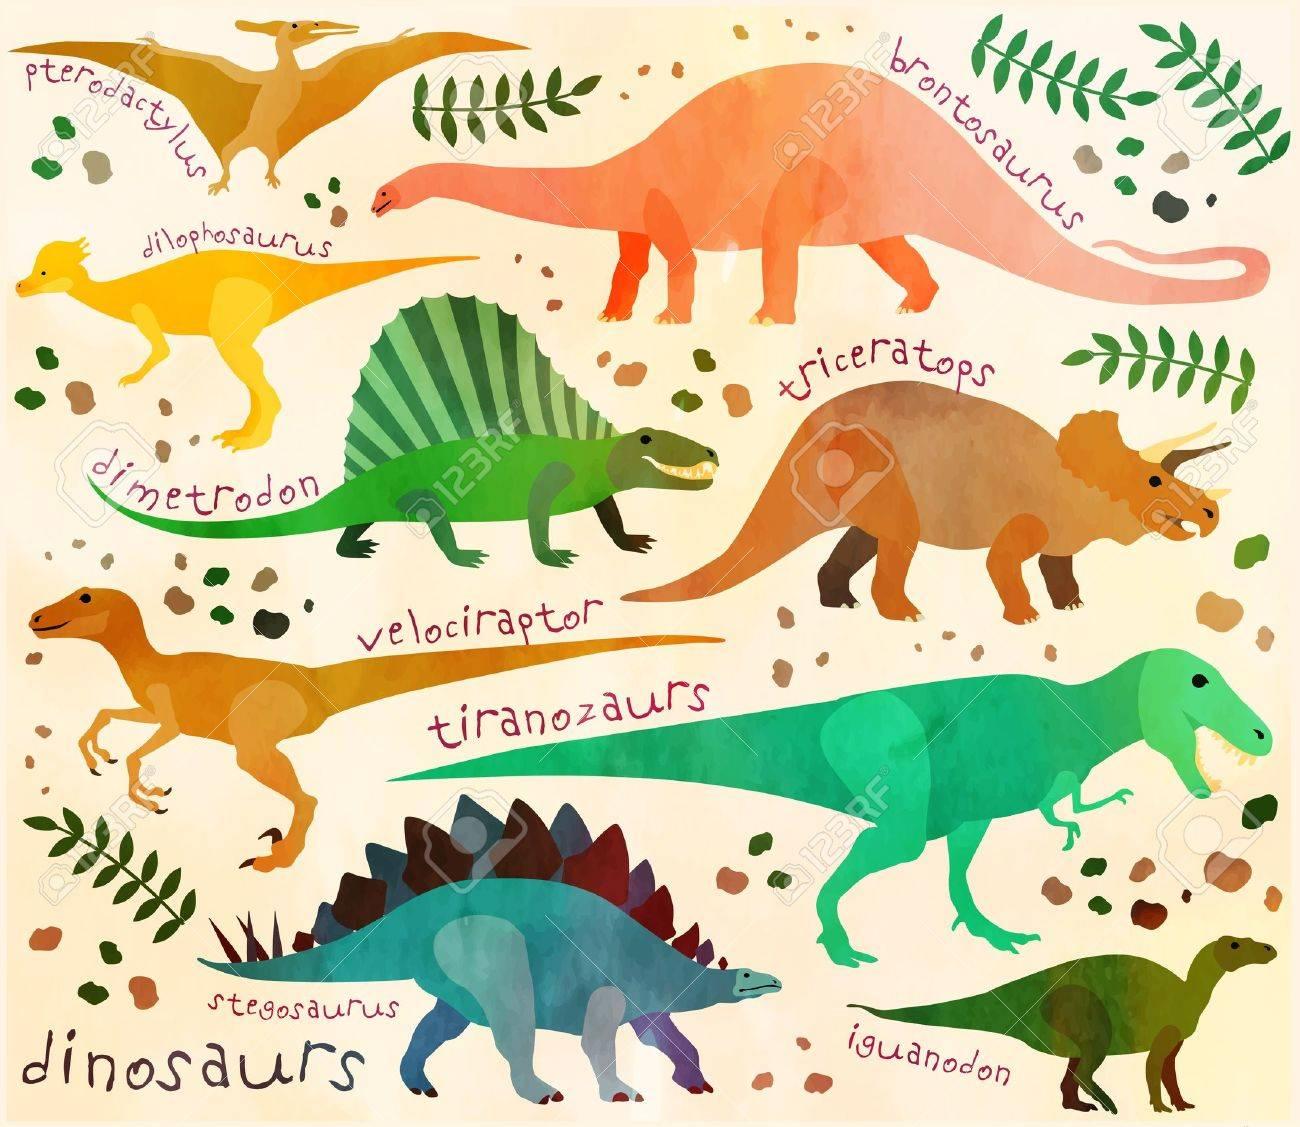 Modelo Con Los Dinosaurios De Dibujos Animados Para Ninos Ilustracion Del Vector Ilustraciones Vectoriales Clip Art Vectorizado Libre De Derechos Image 40923804 Este libro muestra a los niños cómo eran los dinosaurios. modelo con los dinosaurios de dibujos animados para ninos ilustracion del vector